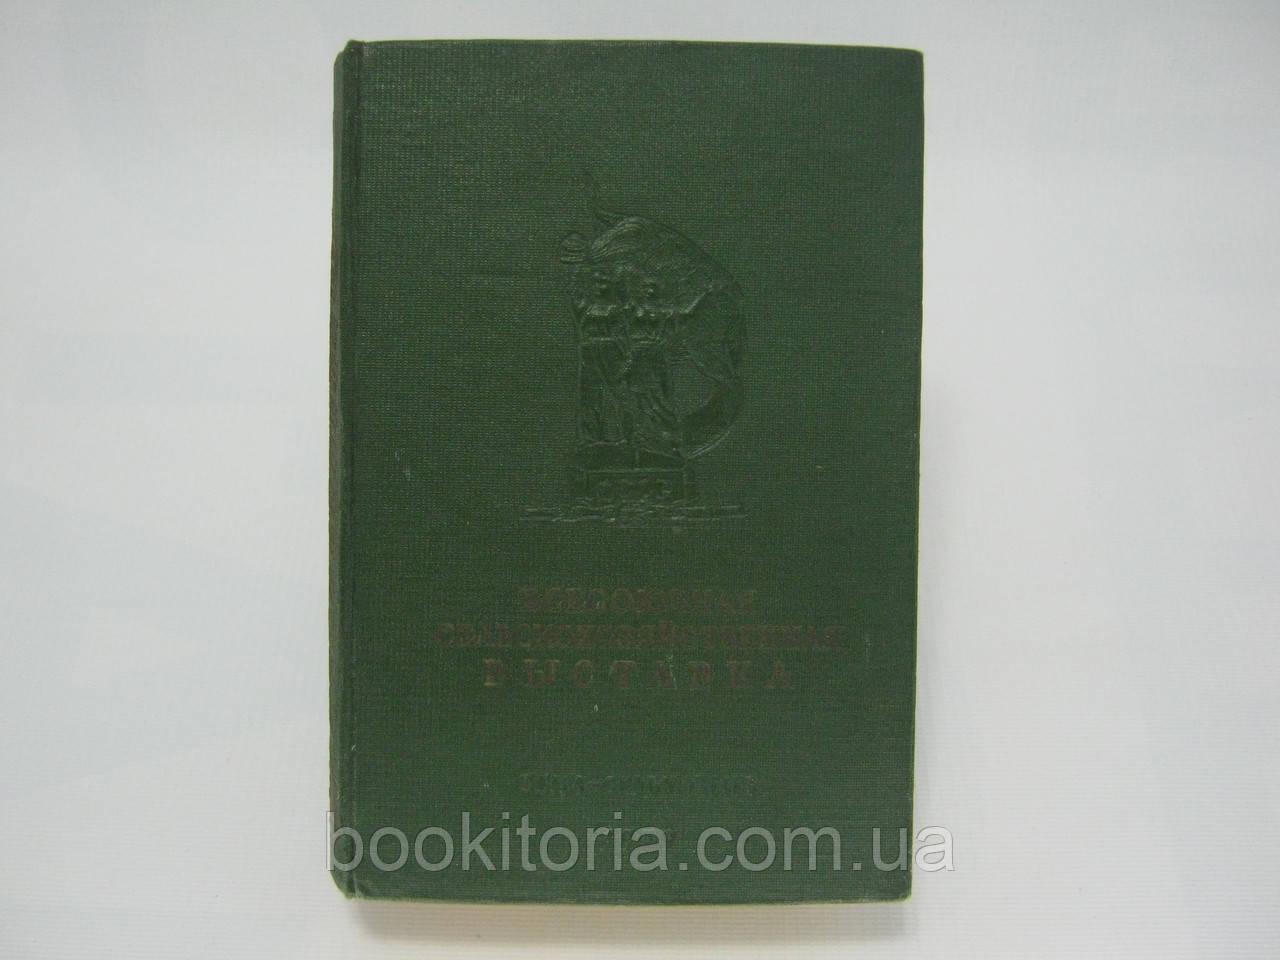 Всесоюзная сельскохозяйственная выставка 1939 (б/у).